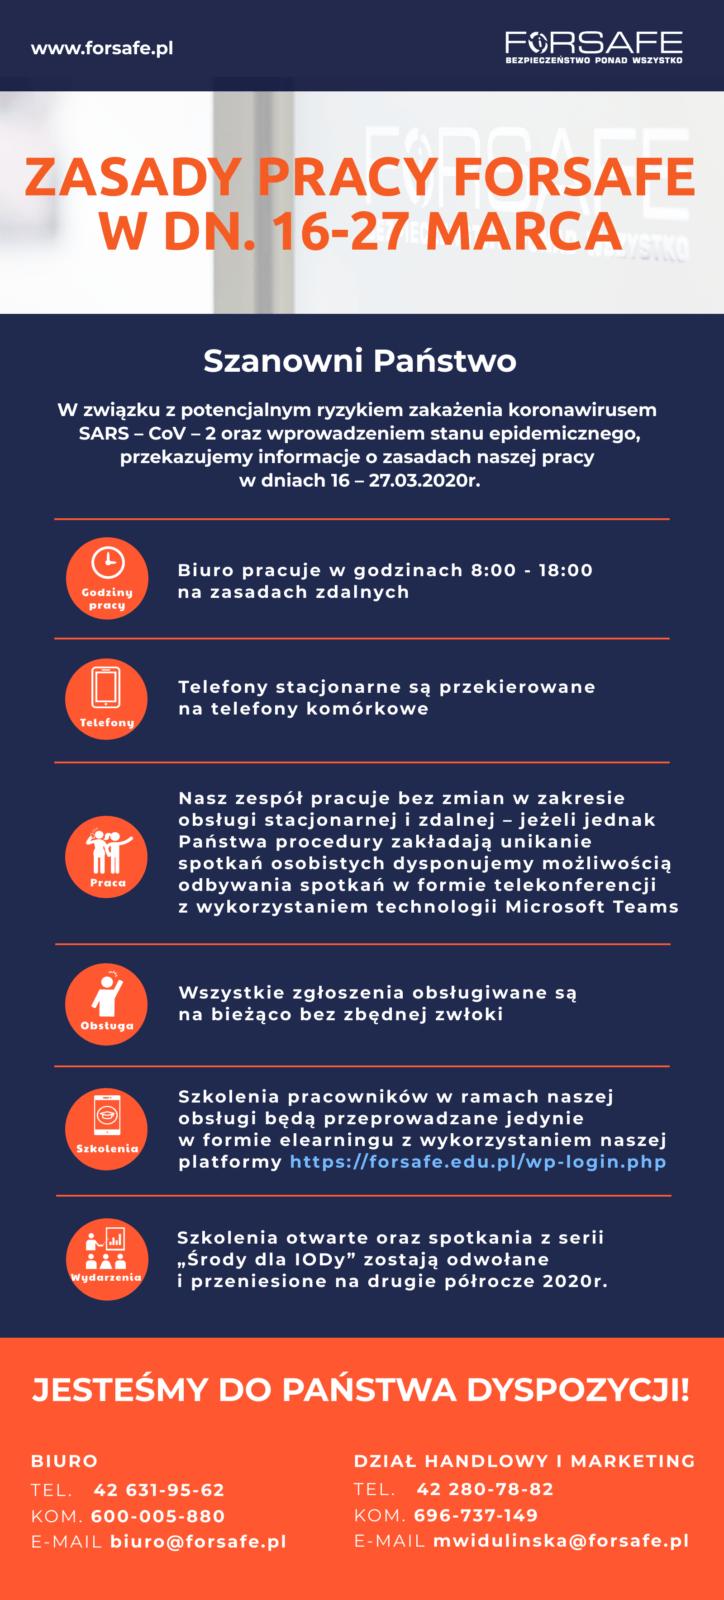 Zasady pracy Forsafe Zasady pracy FORSAFE w dn. 16 - 27 marca, w związku z wprowadzeniem stanu zagrożenia epidemicznego w Polsce.